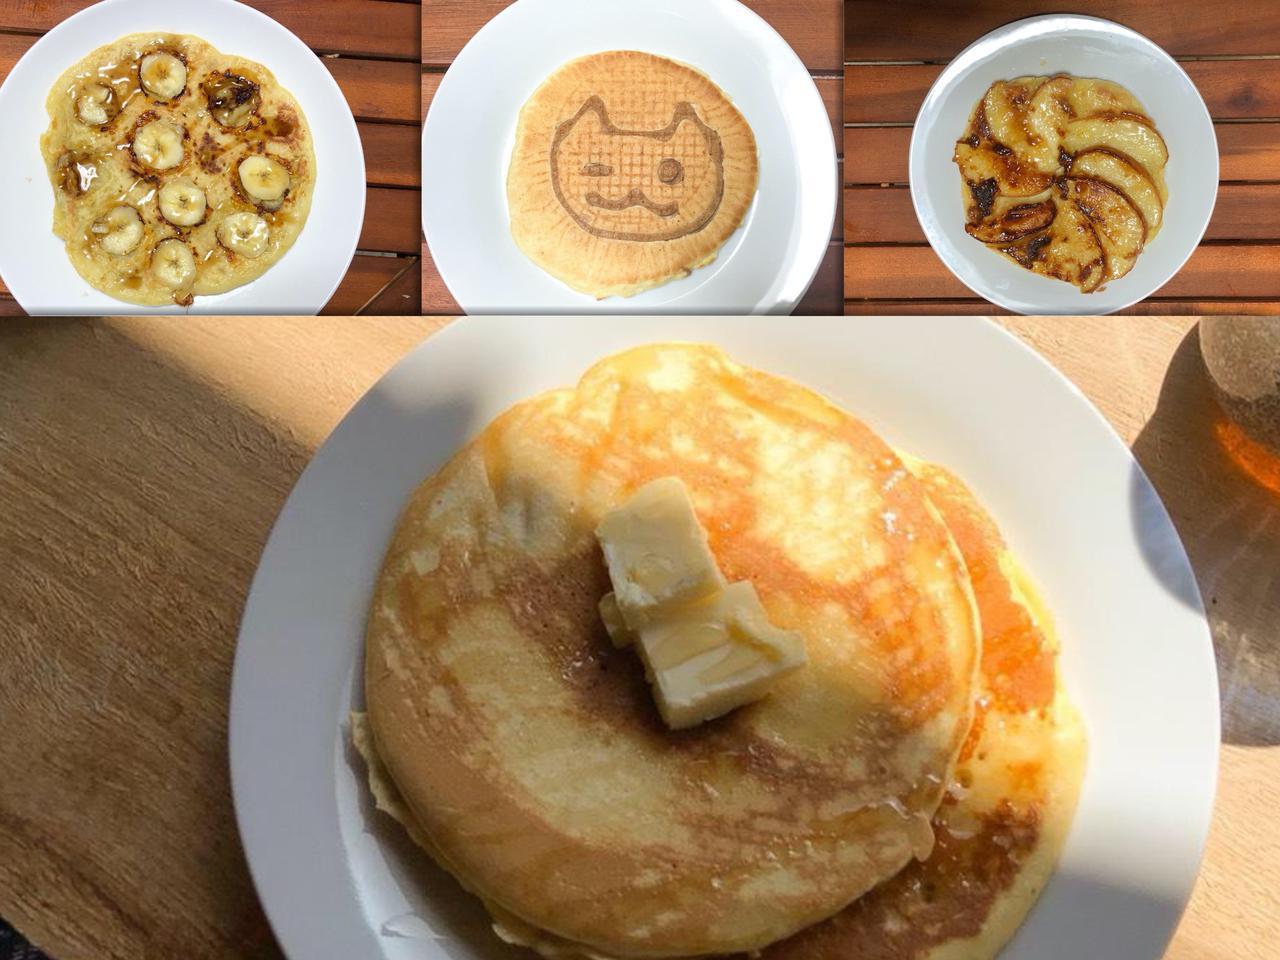 画像: 【スイーツレシピ4選】超簡単おすすめ「パンケーキ」!ファミリーキャンプのおやつにぴったり - ハピキャン(HAPPY CAMPER)